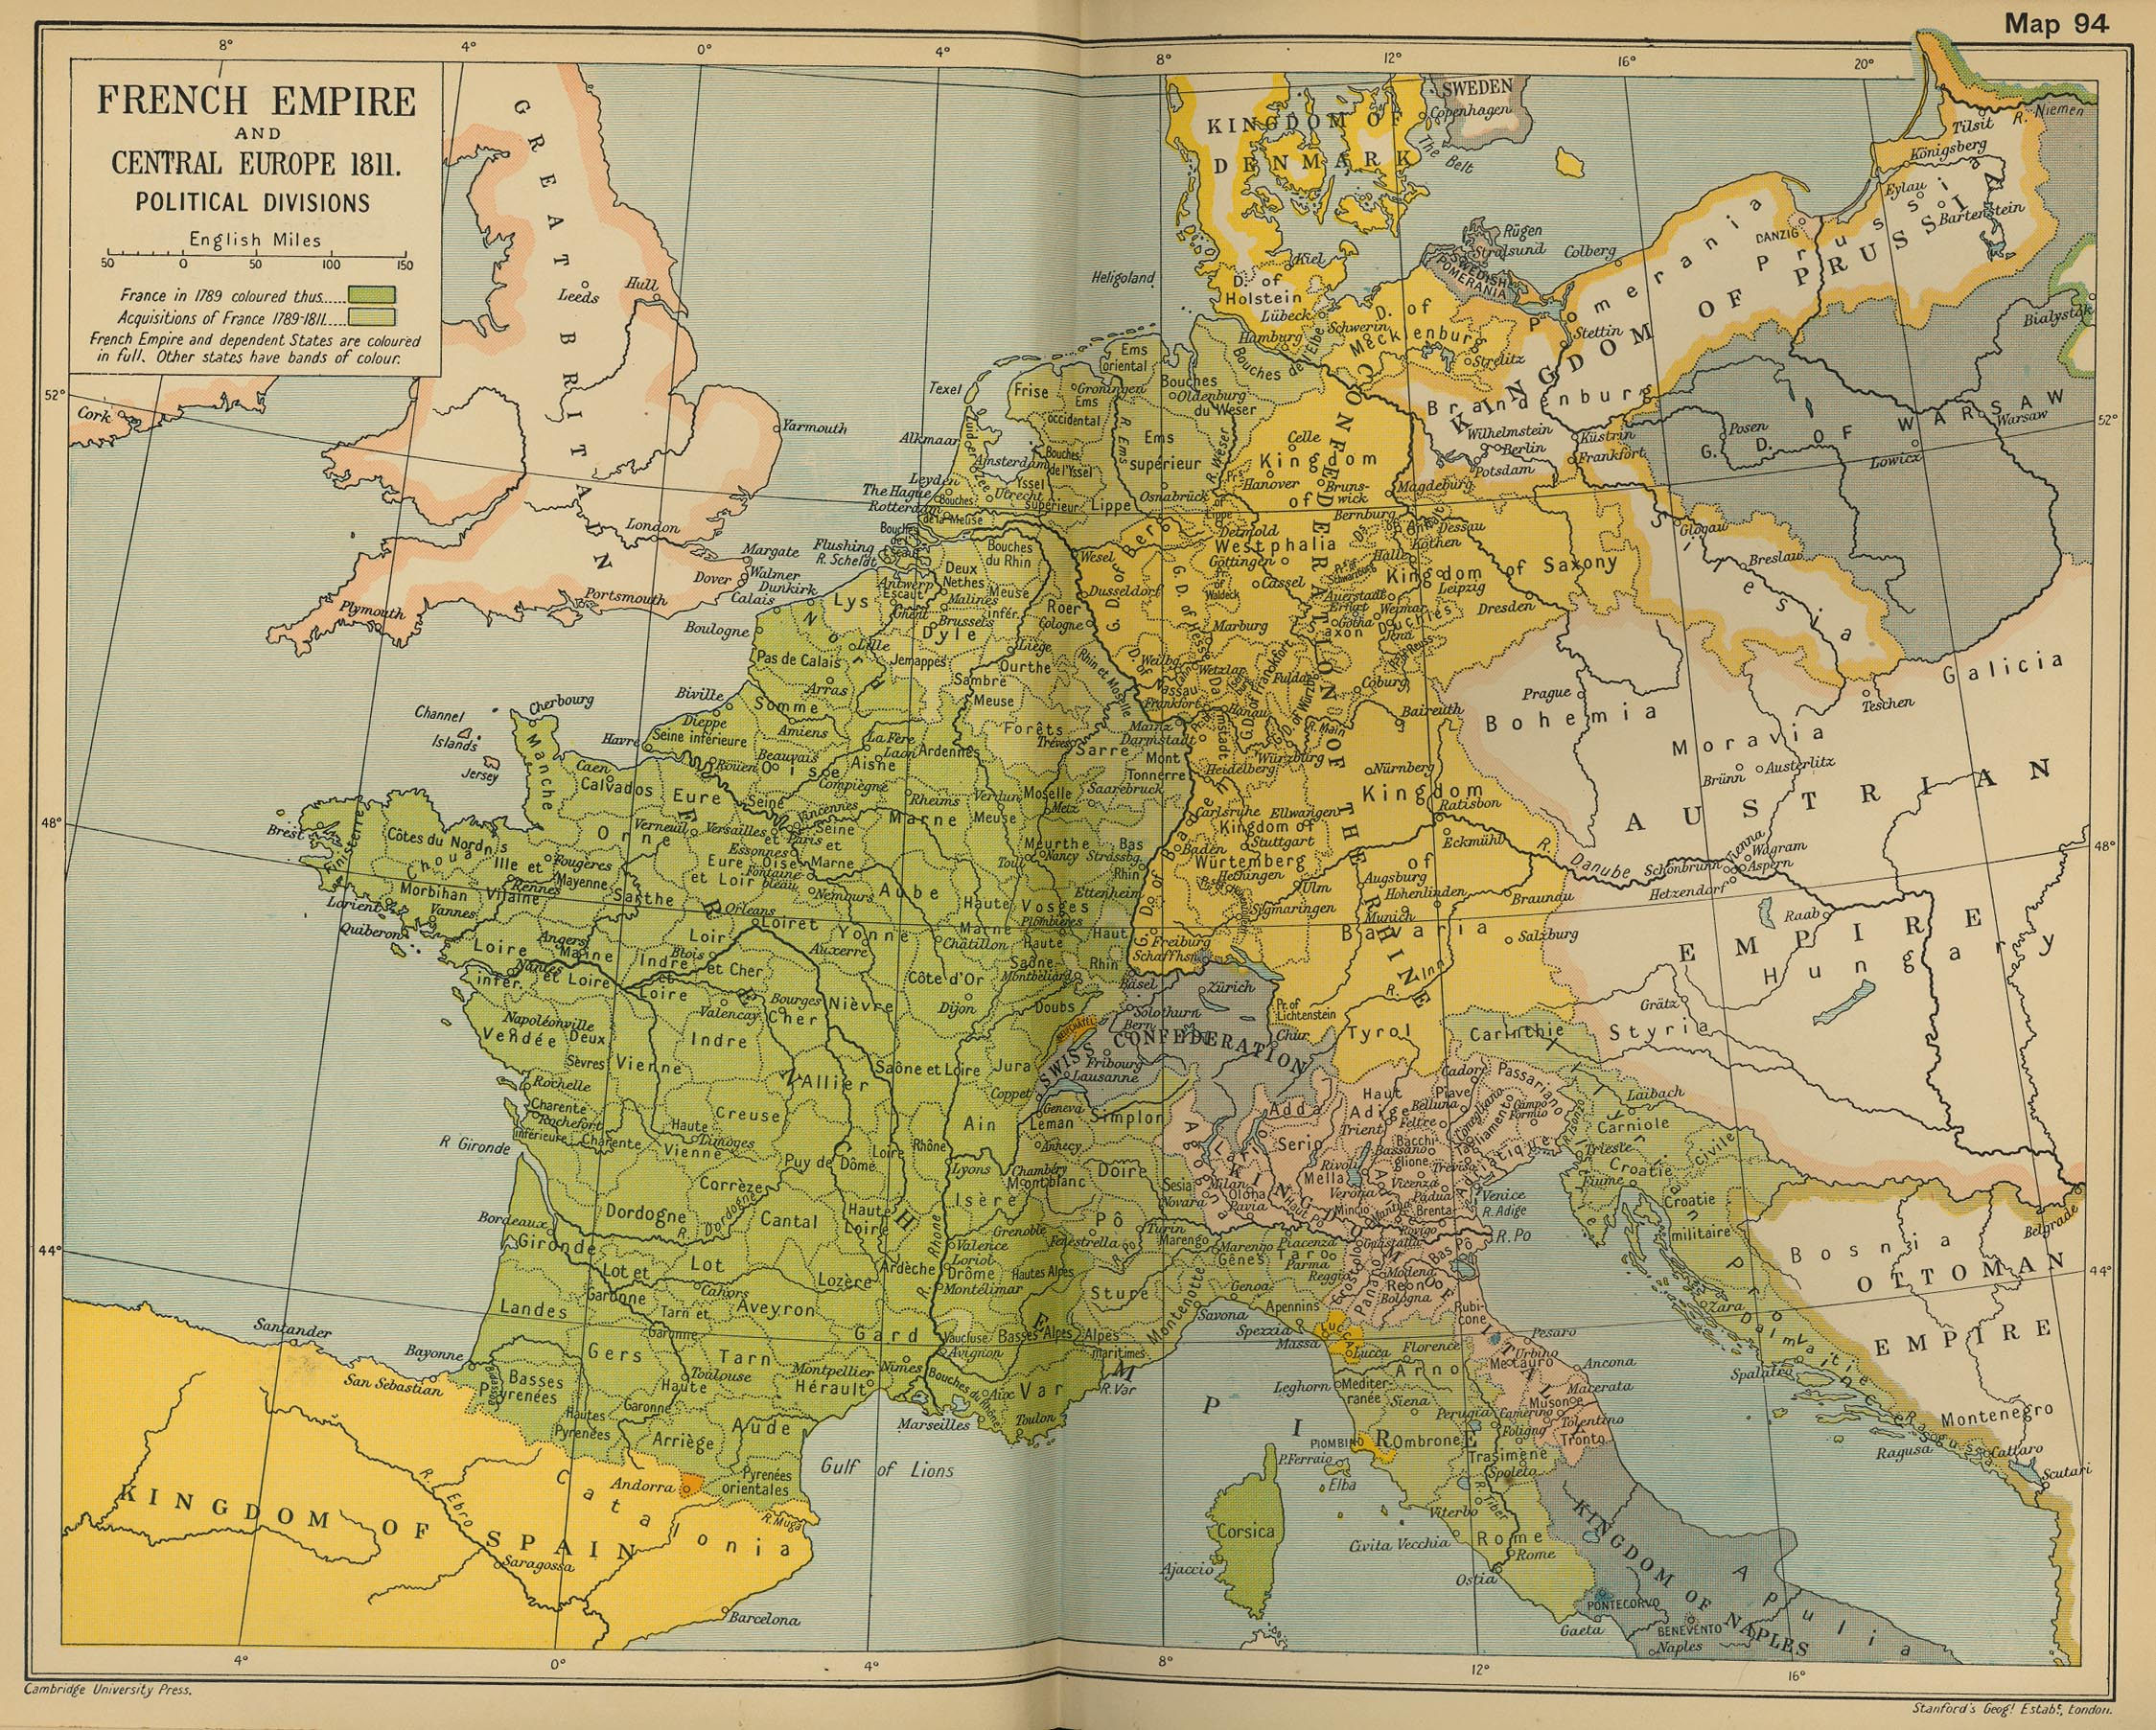 Divisiones políticas del Imperio francés y de Europa Central 1811